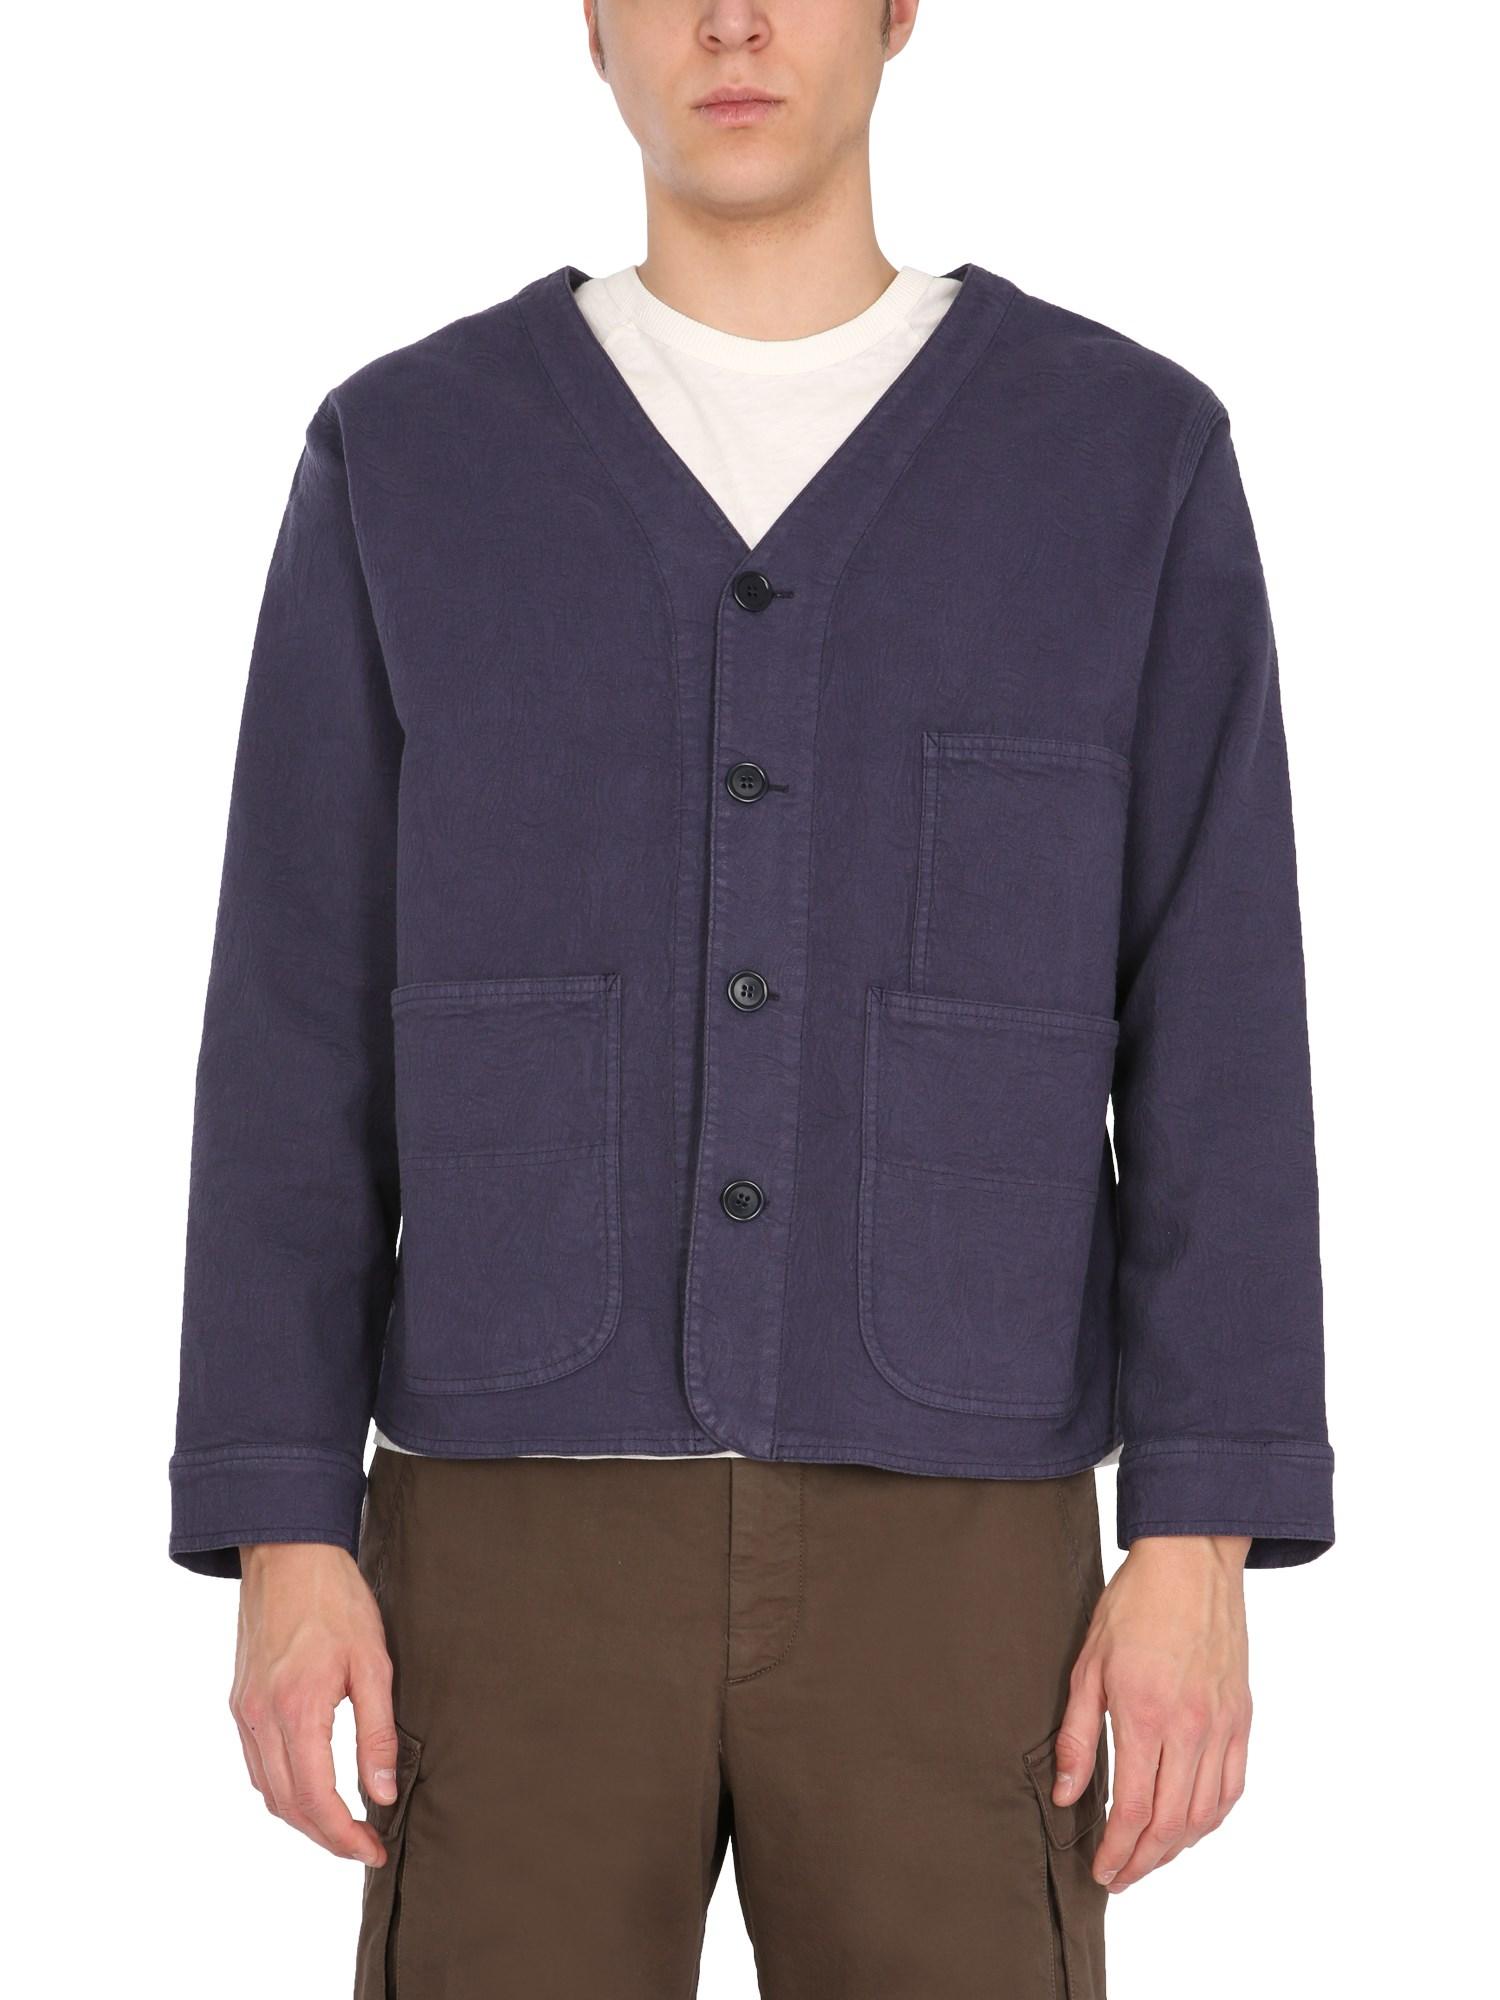 Ymc farm jacket - ymc - Modalova